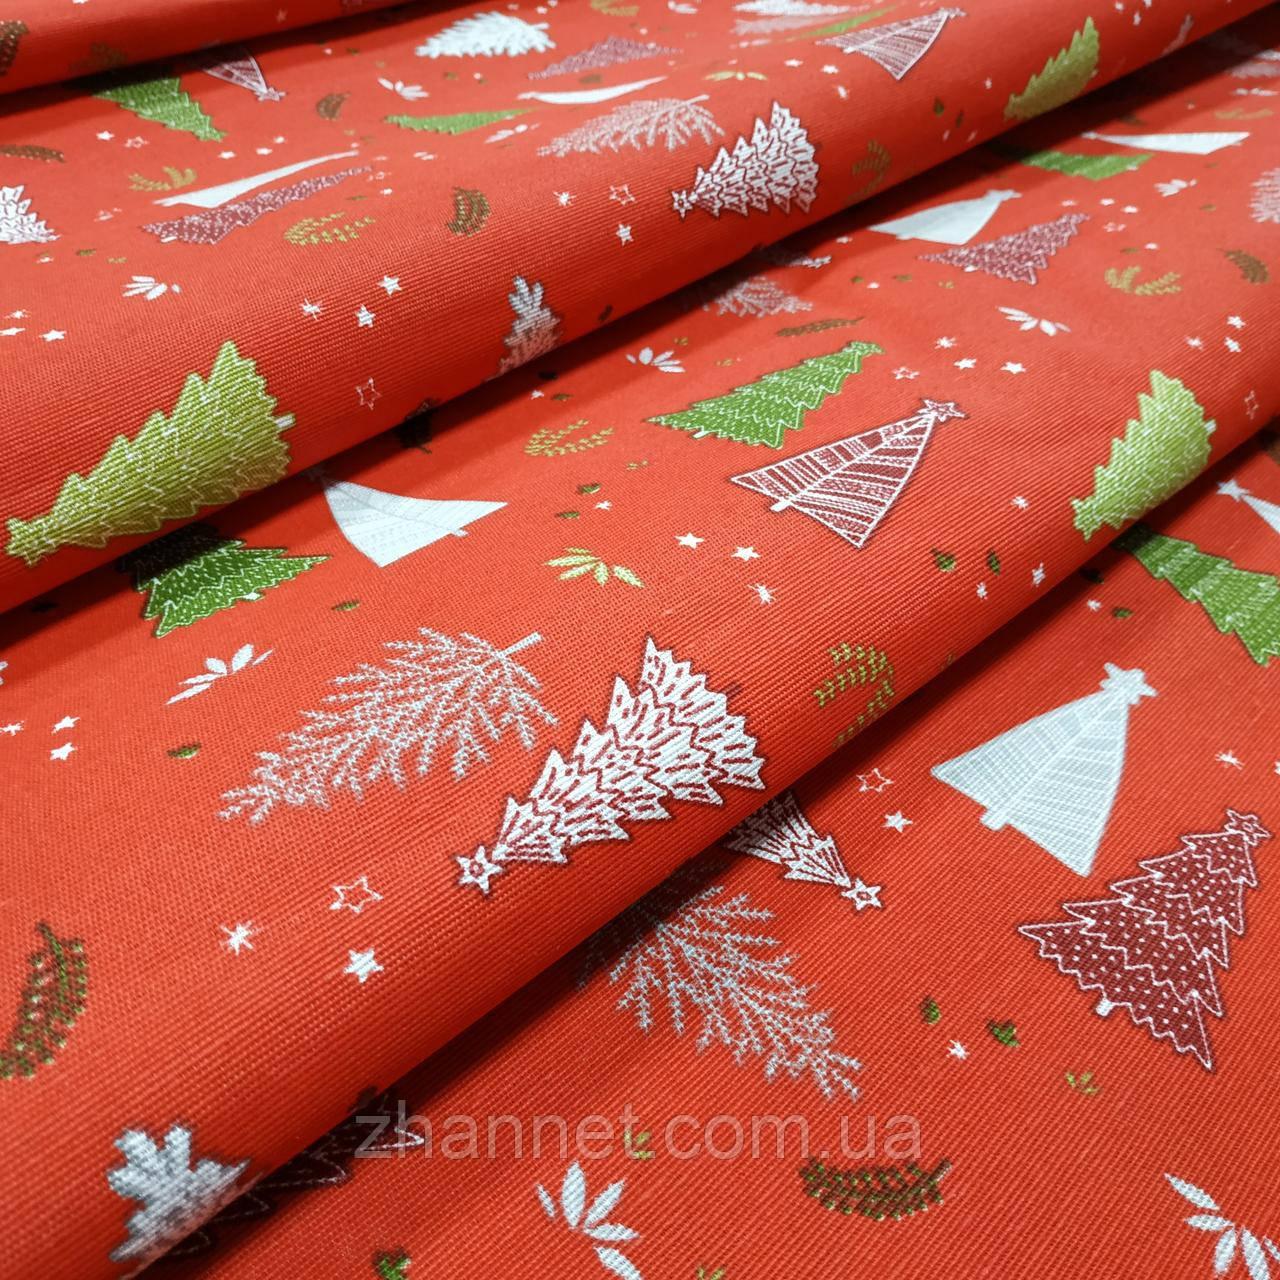 Новогодняя ткань Ёлки фон красный 280 см (113161)